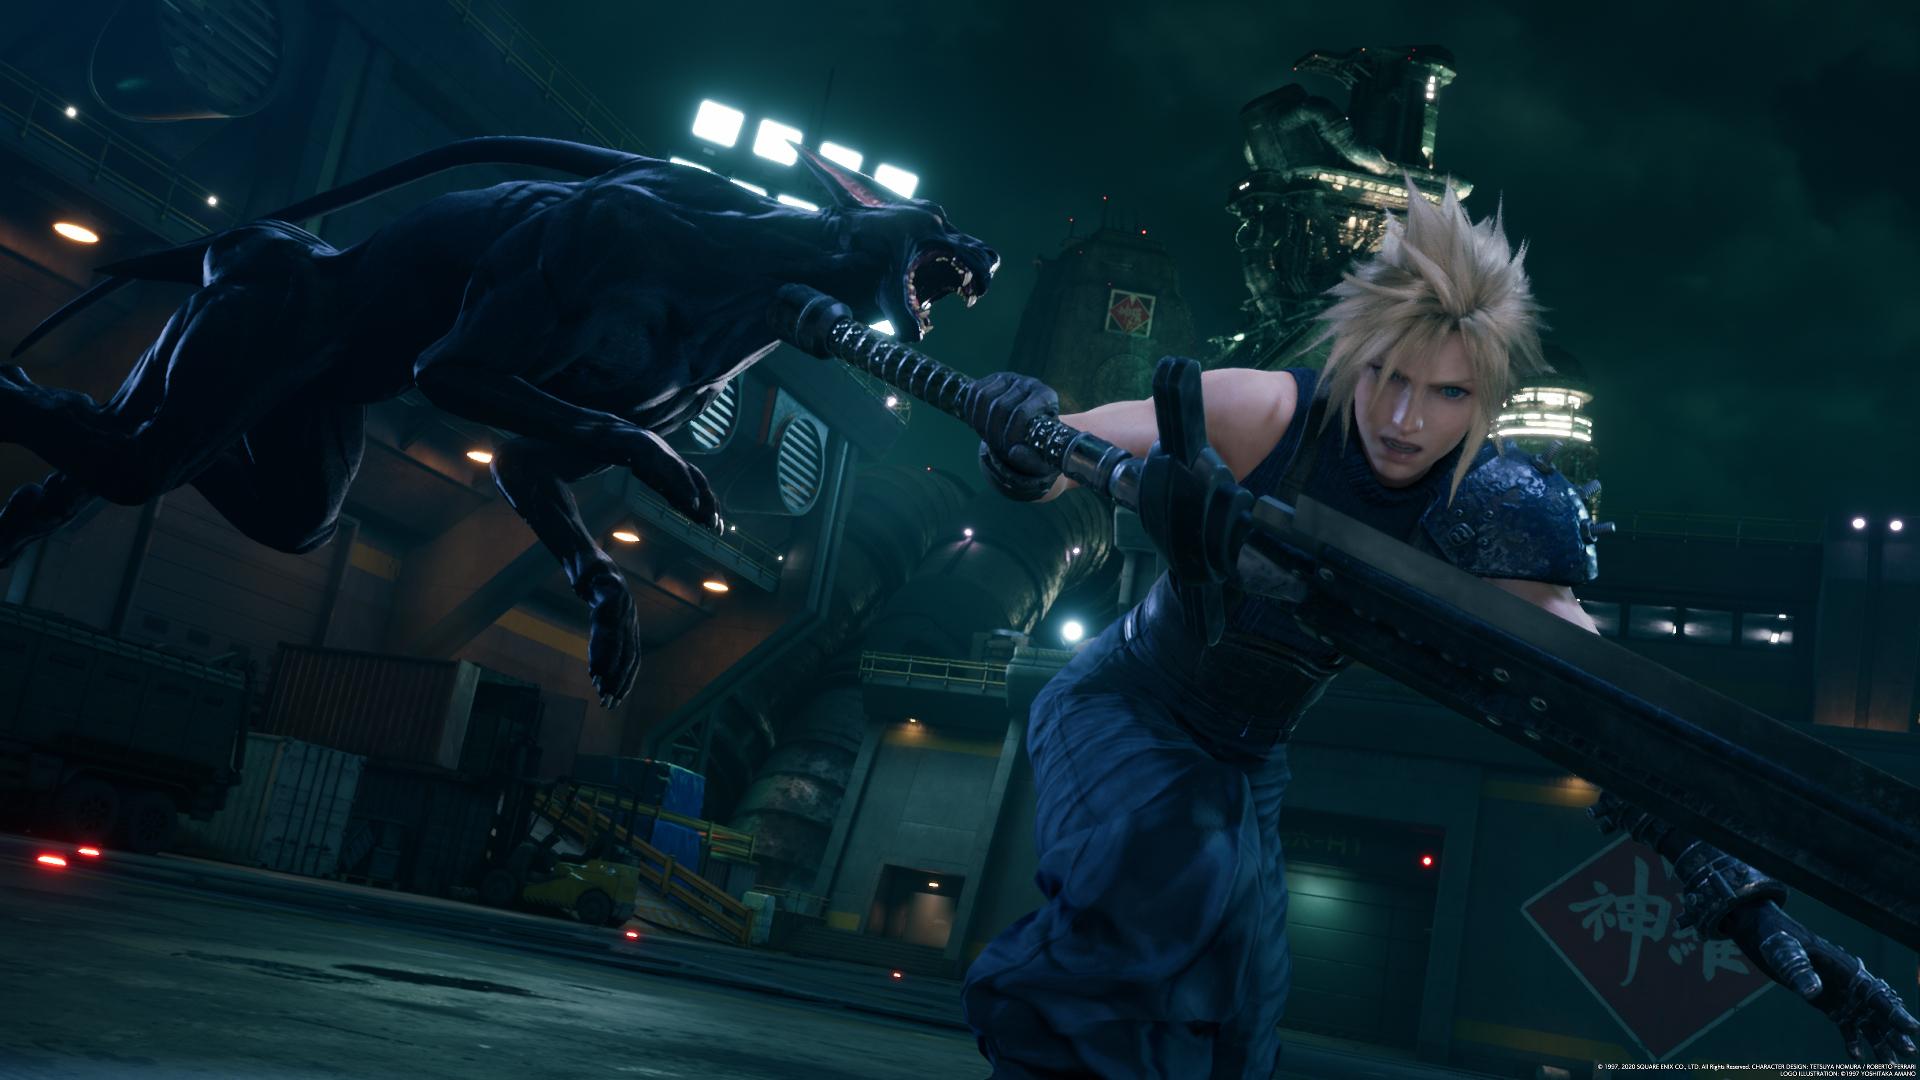 Shack Chat: من هي شخصيتك المفضلة في لعبة Final Fantasy؟ 7